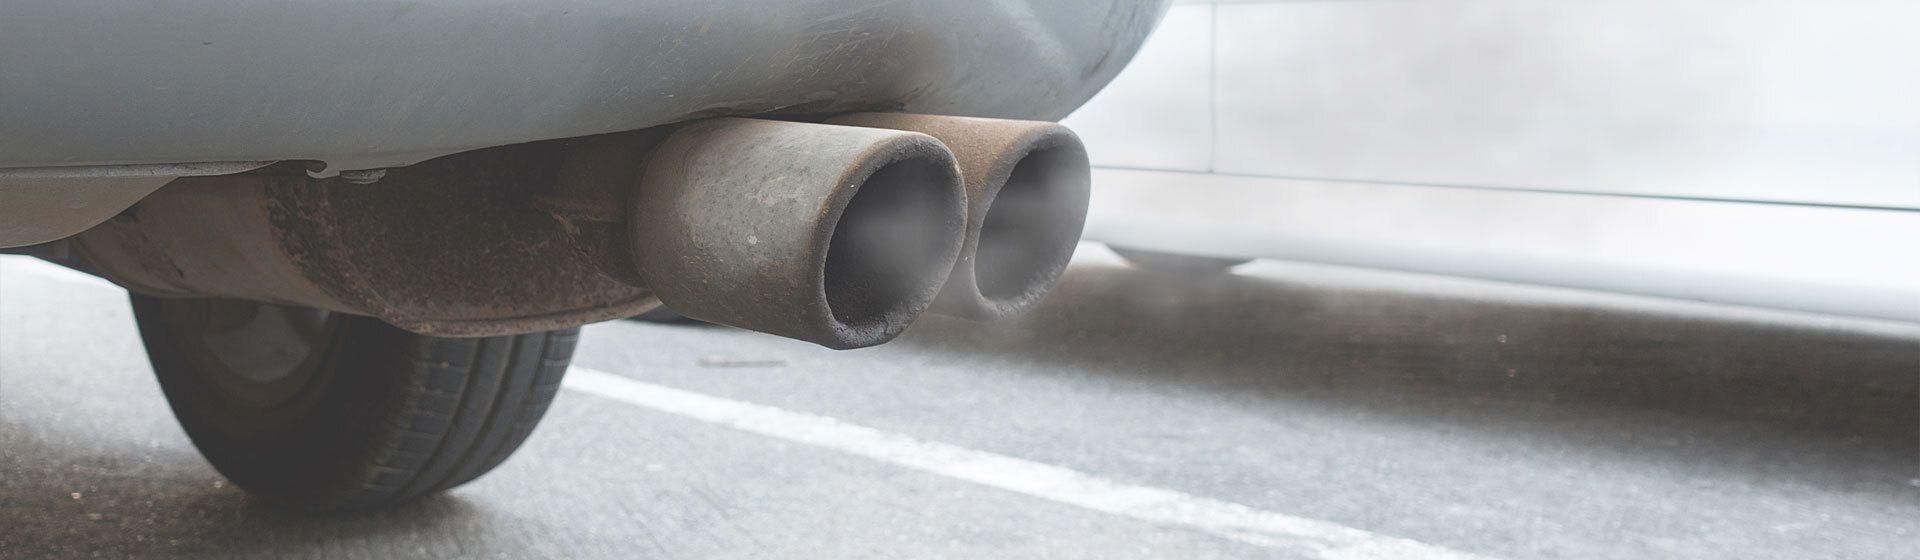 Abgasskandal Verhandlung BGH Klagen gegen Autohändler